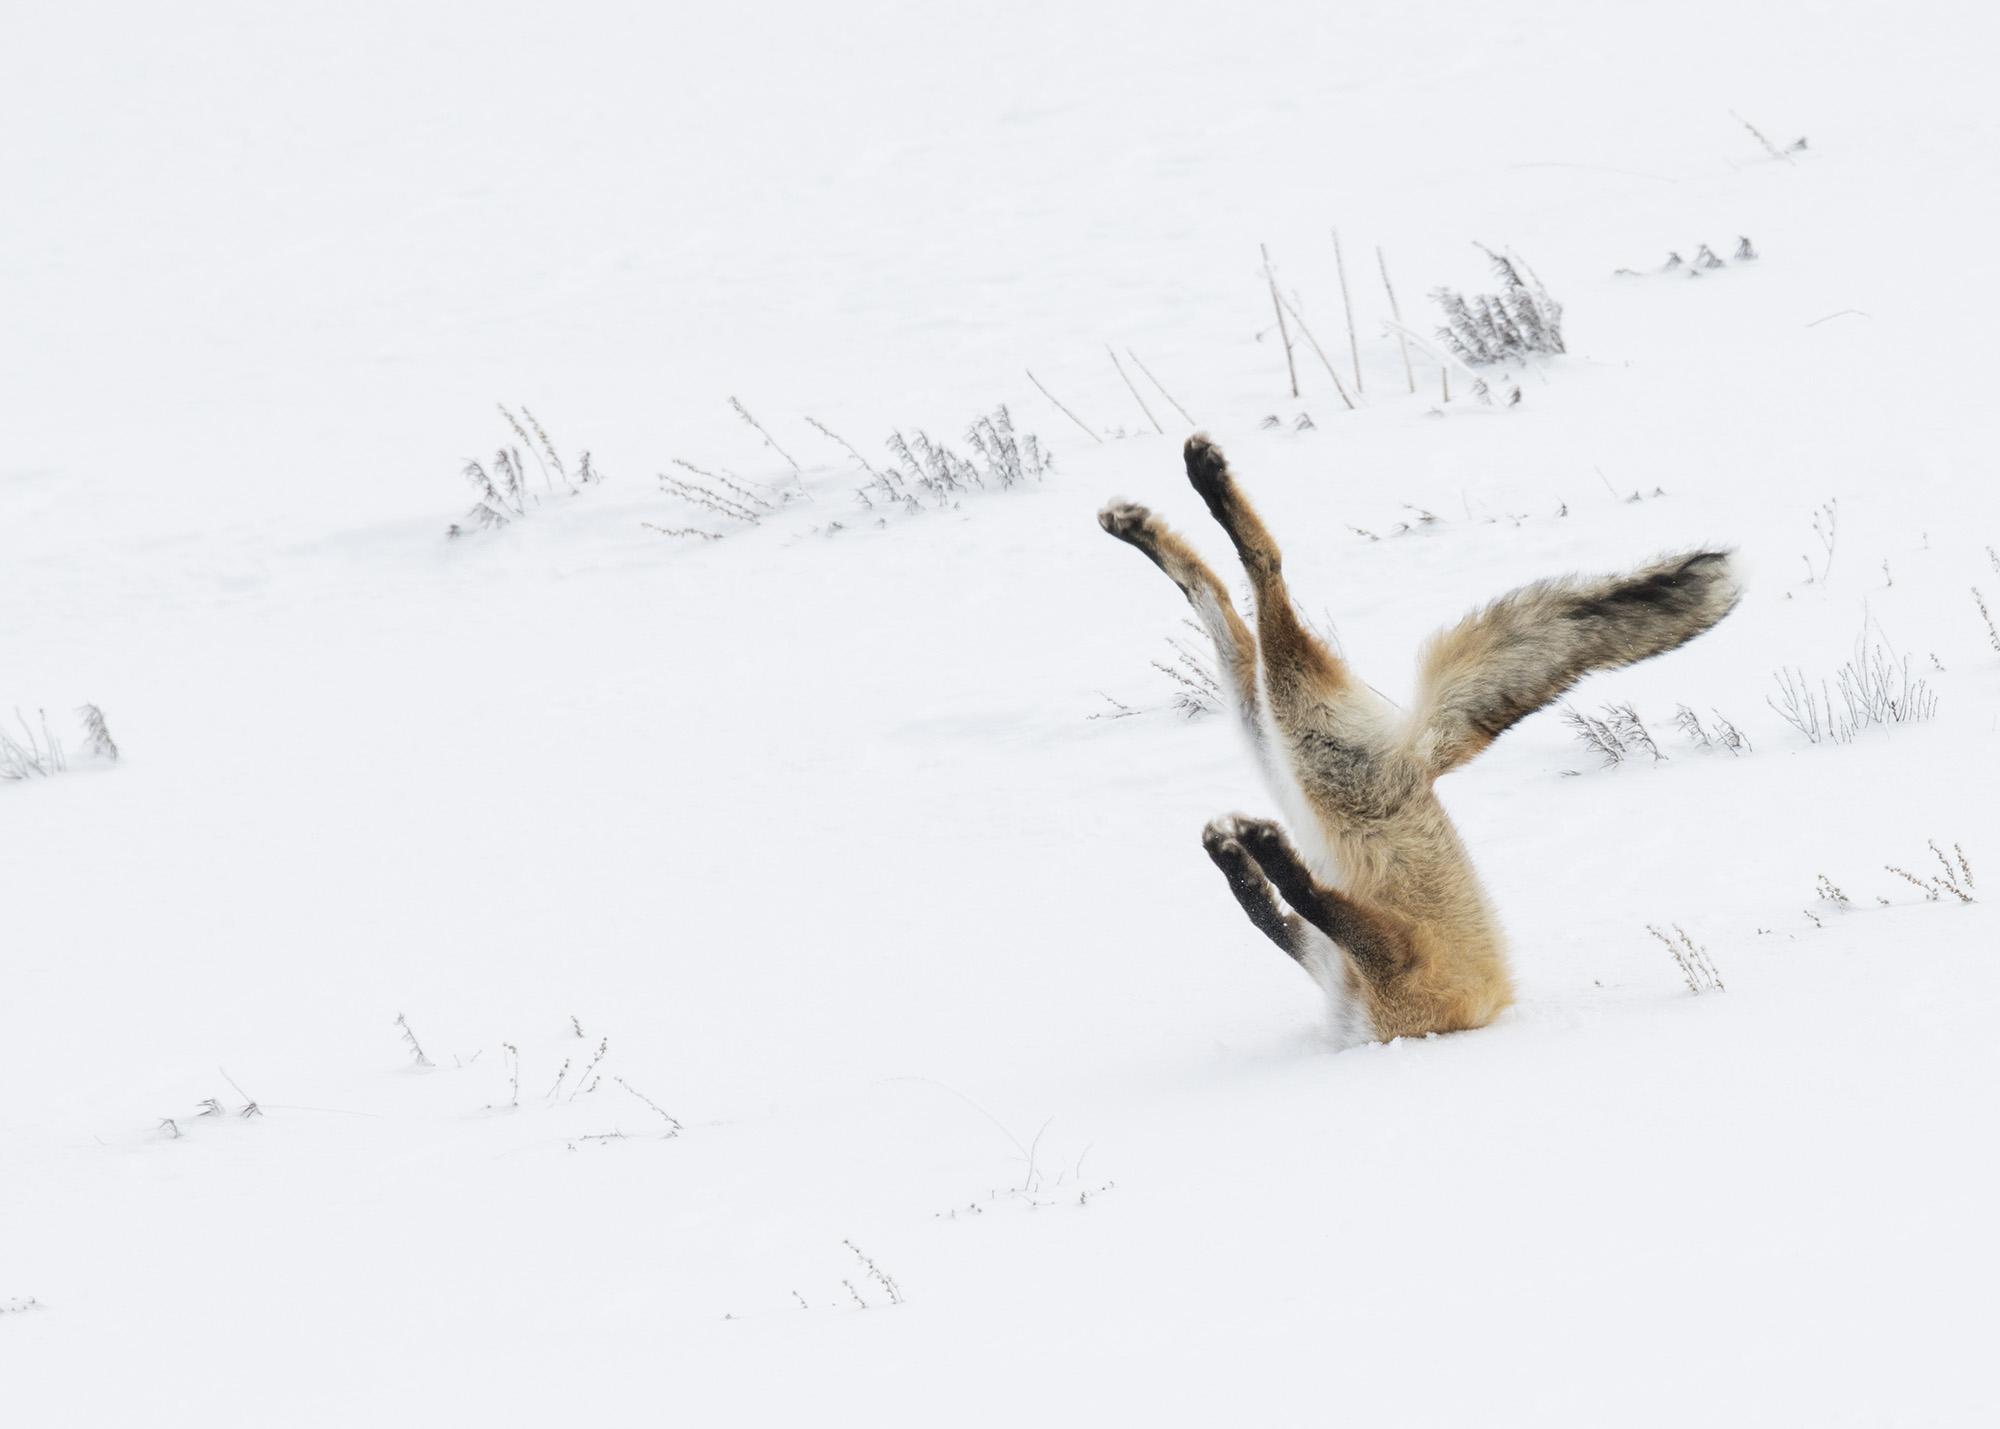 Ο μεγάλος νικητής: Η βουτιά της αλεπούς στο χιόνι στο Εθνικό Πάρκο Γιέλοουστοουν. Φωτογραφία: Angela Bohlke//The Comedy Wildlife Photography Awards.